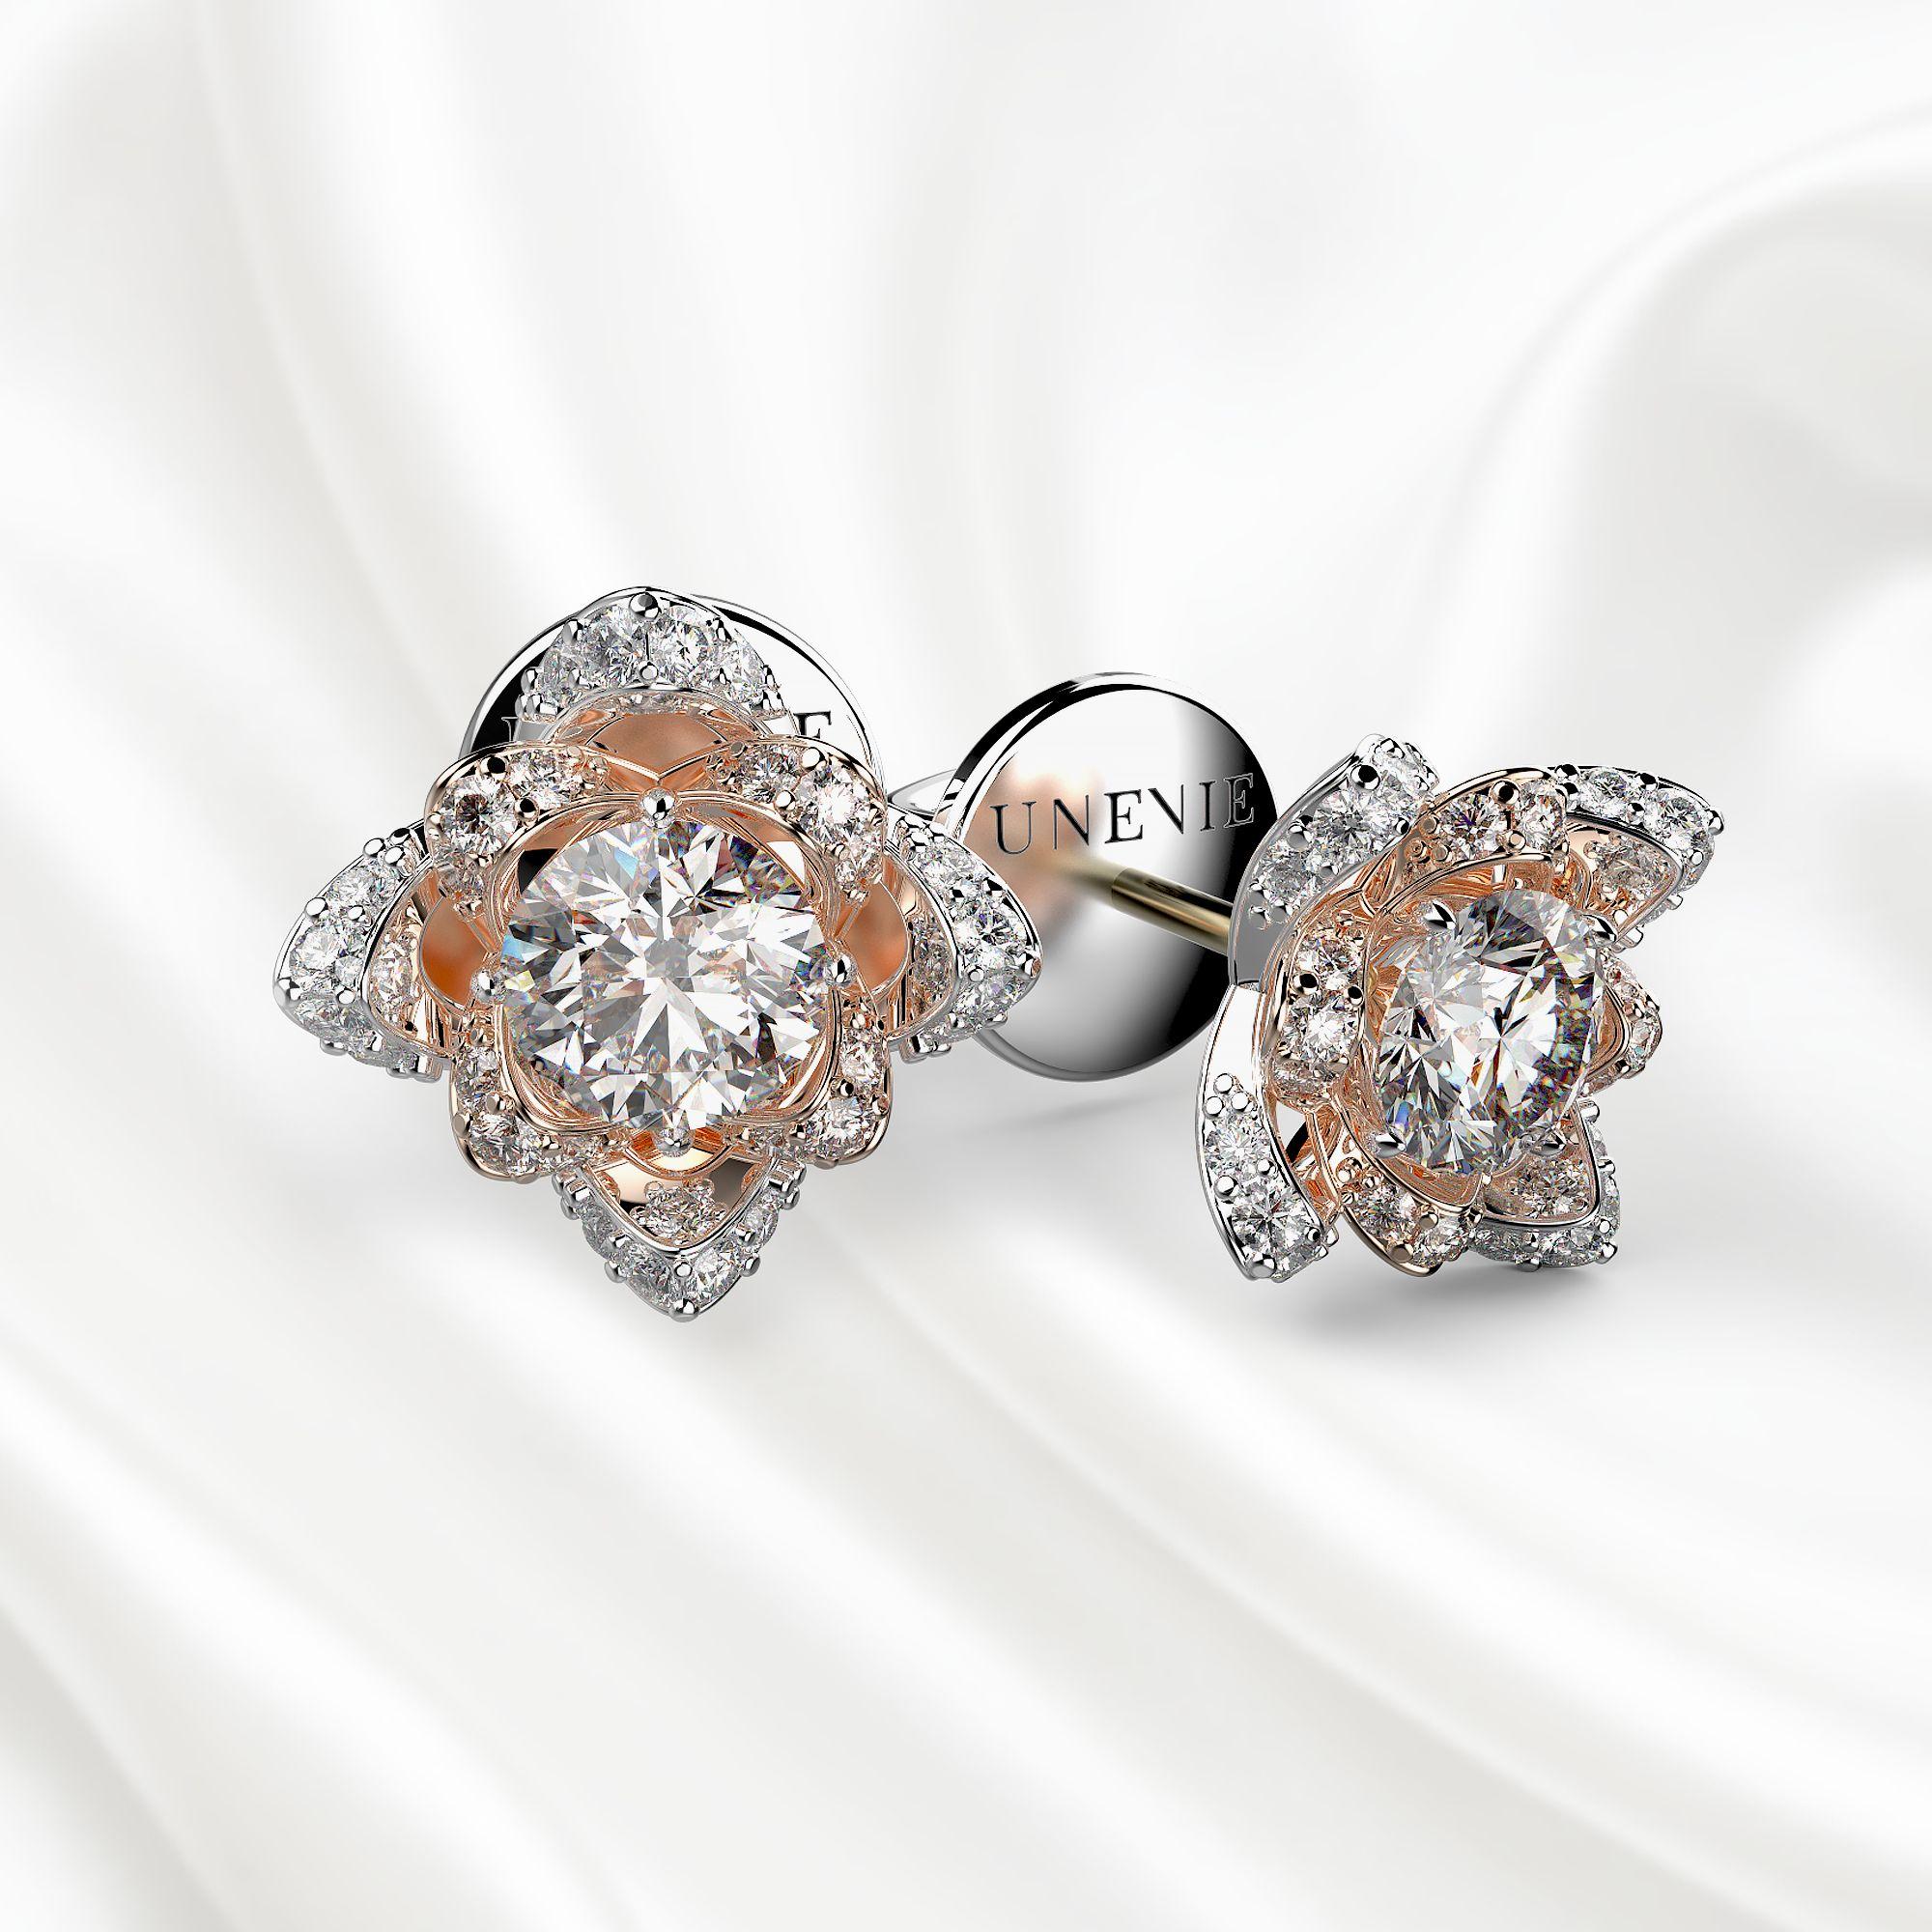 S5 Серьги из белого-розового золота с 34 бриллиантами 0.86 карат